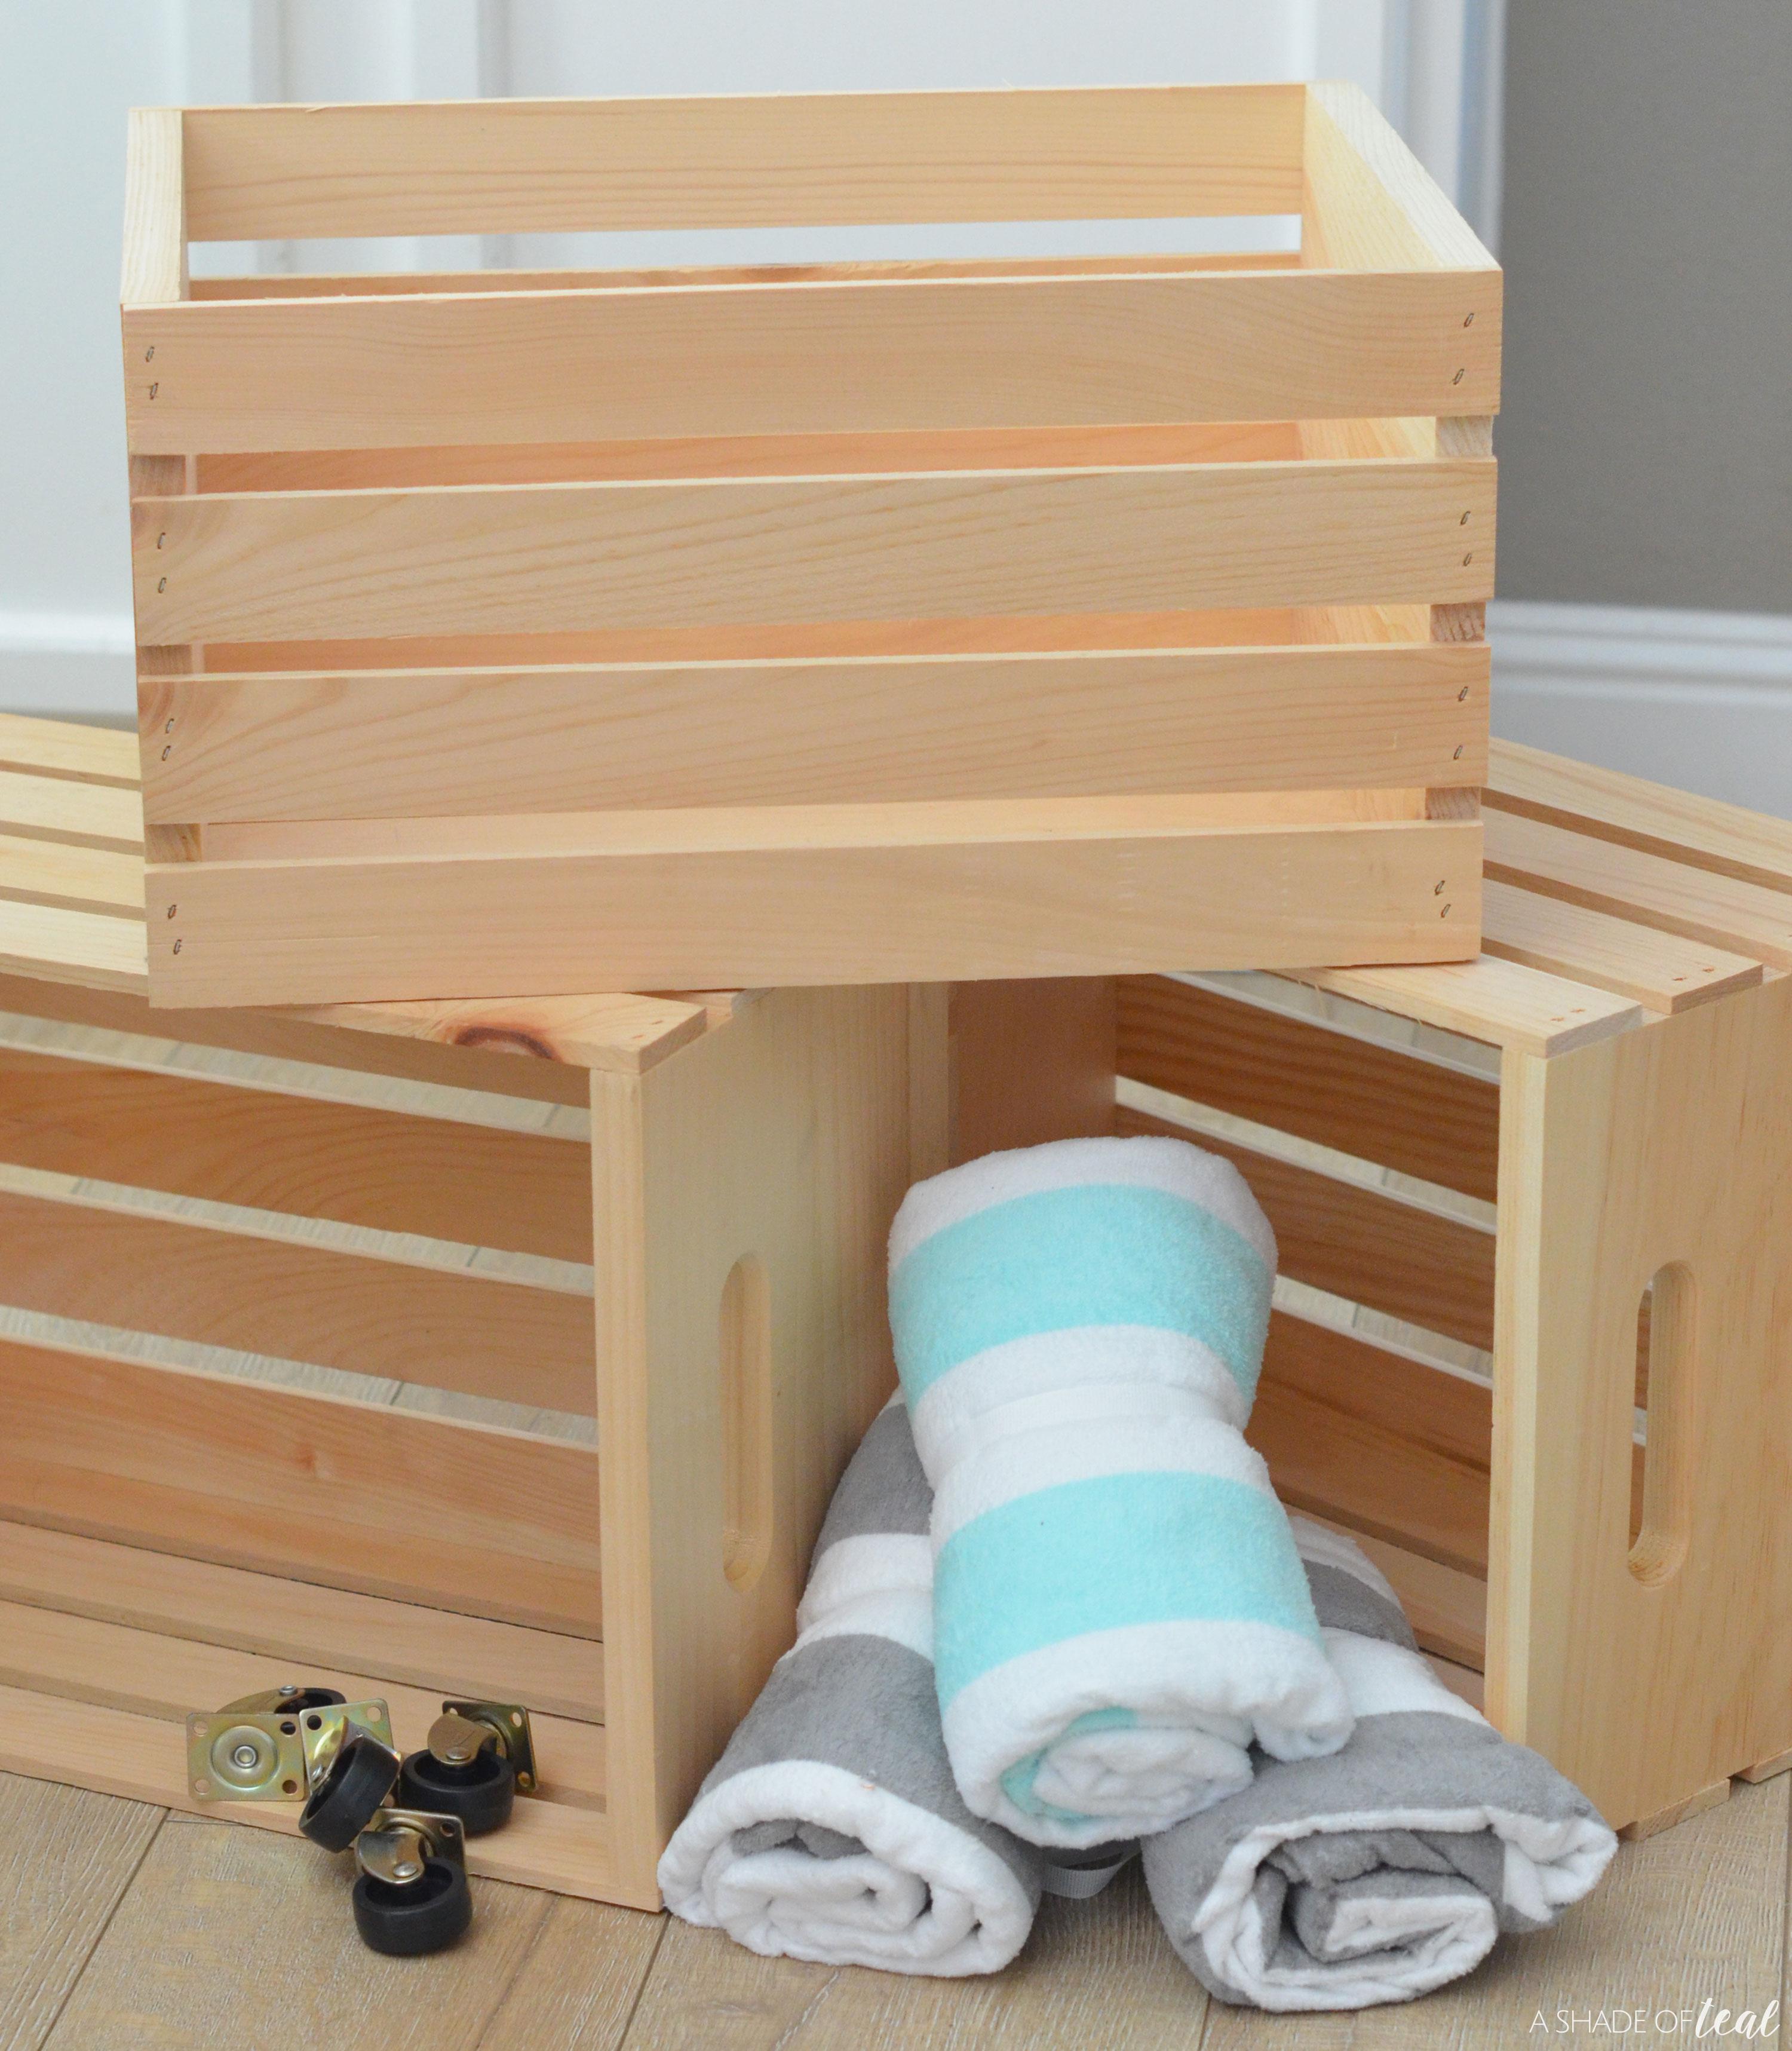 Diy Pool Towel Rack And Storage Area